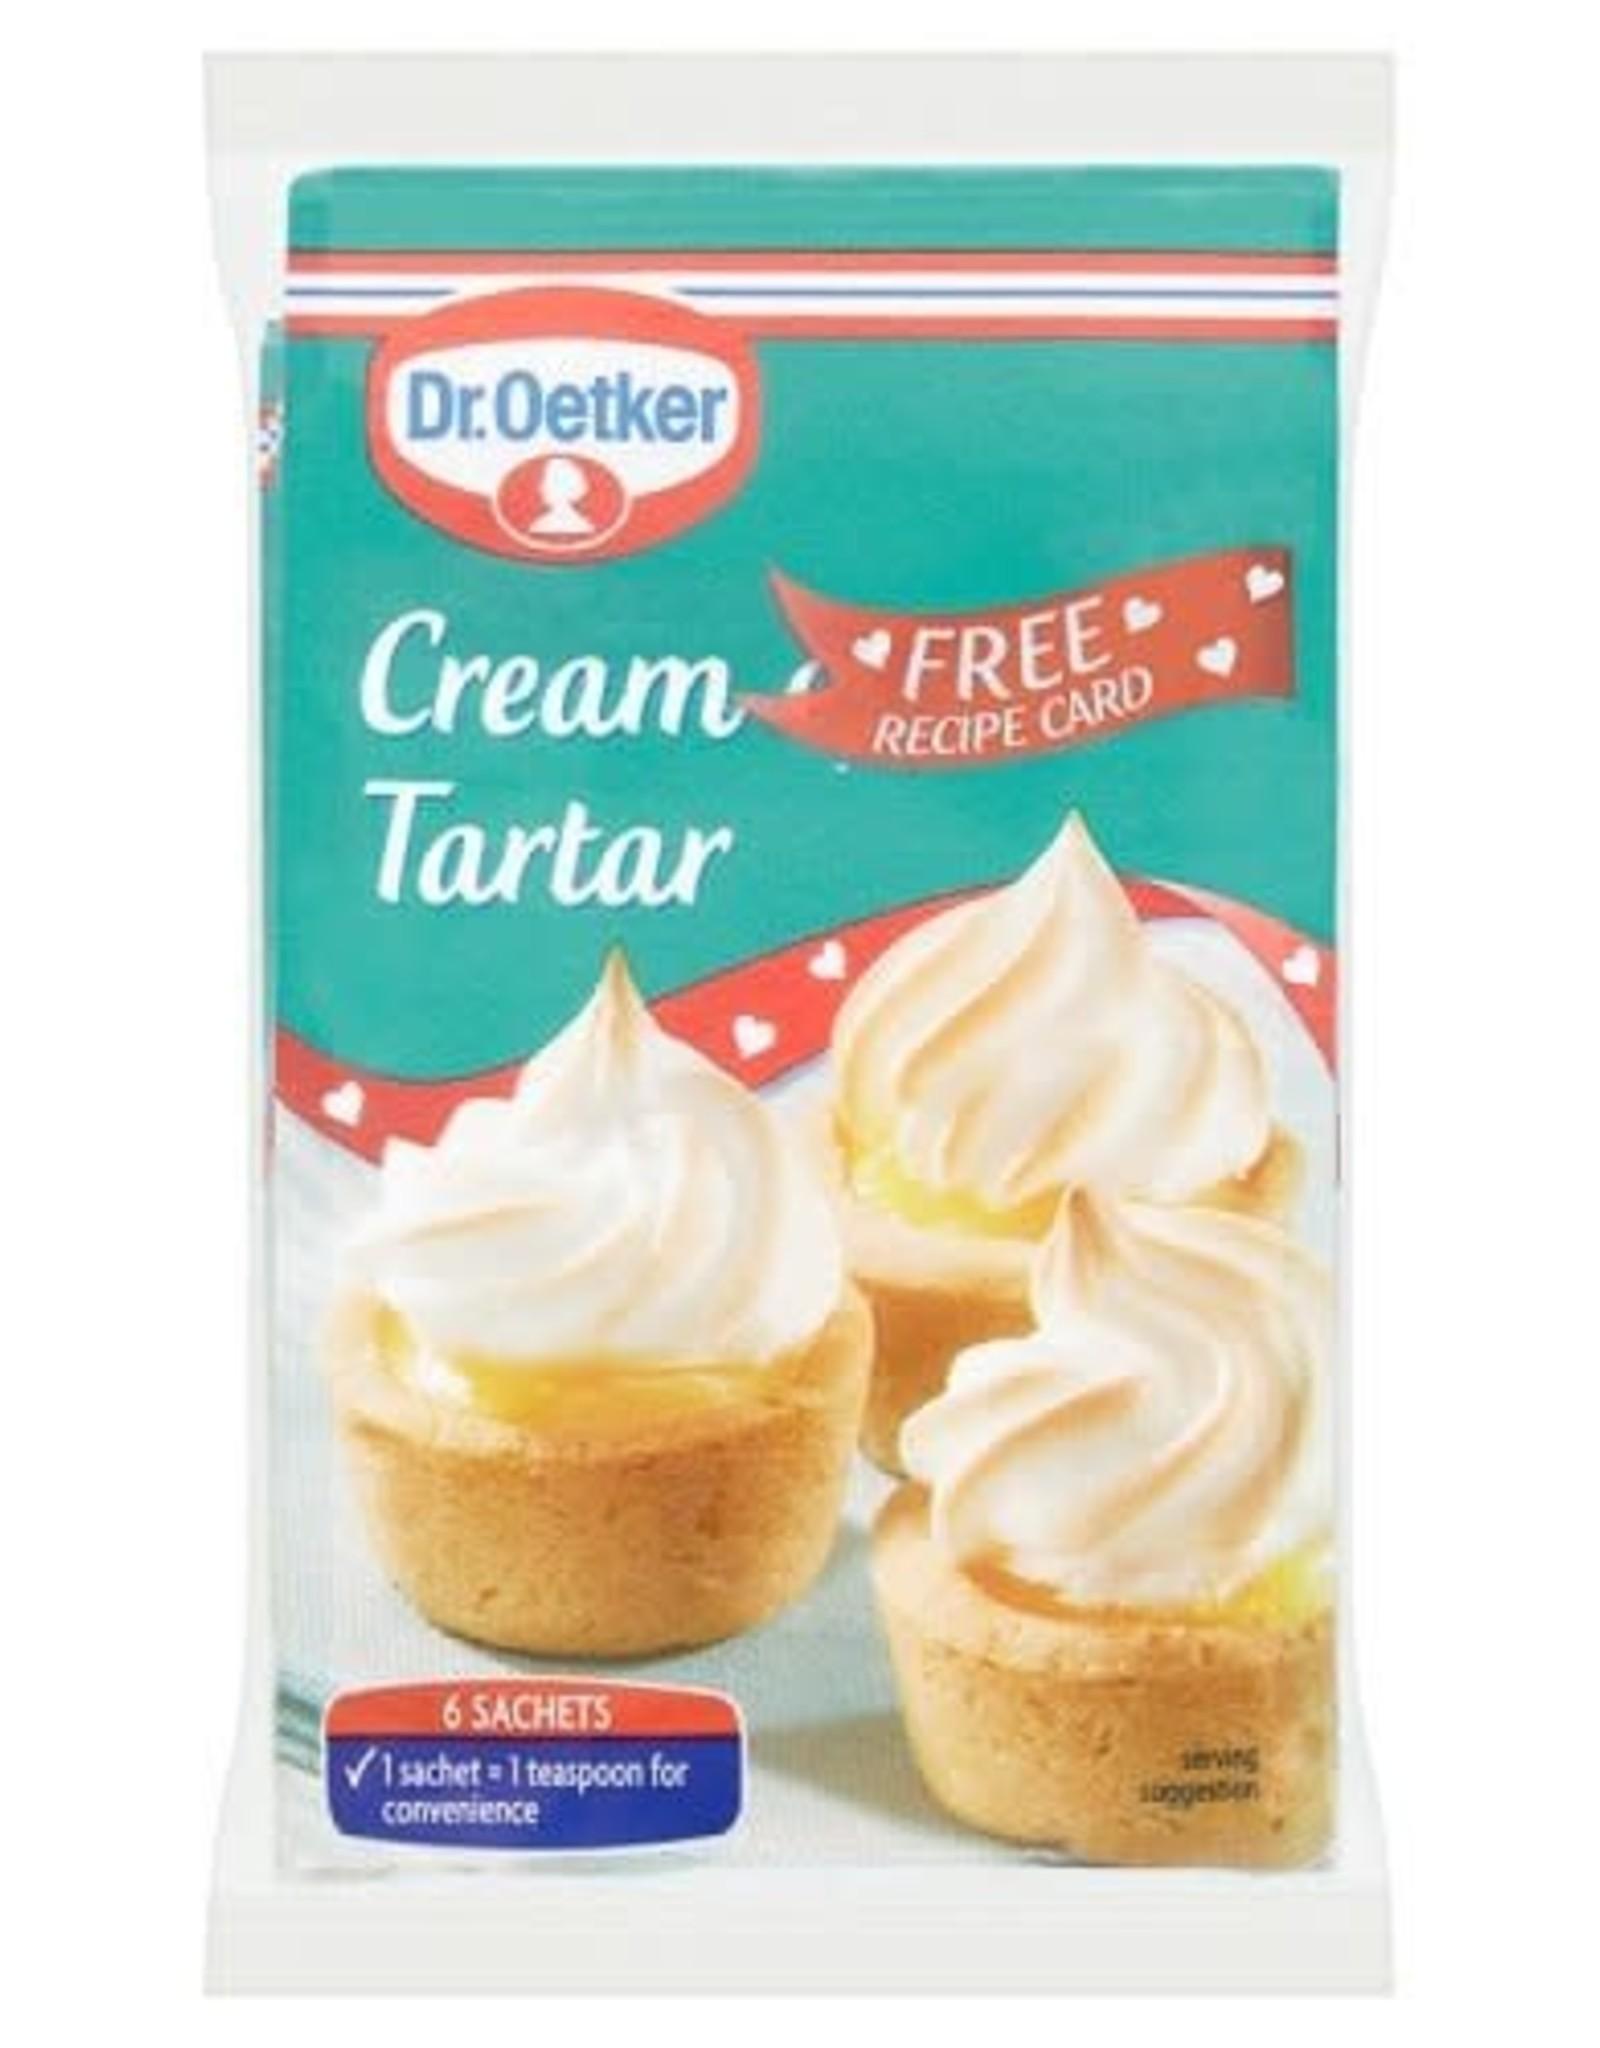 Dr Oetker Dr Oetker Cream of Tartar 6 x 5 g